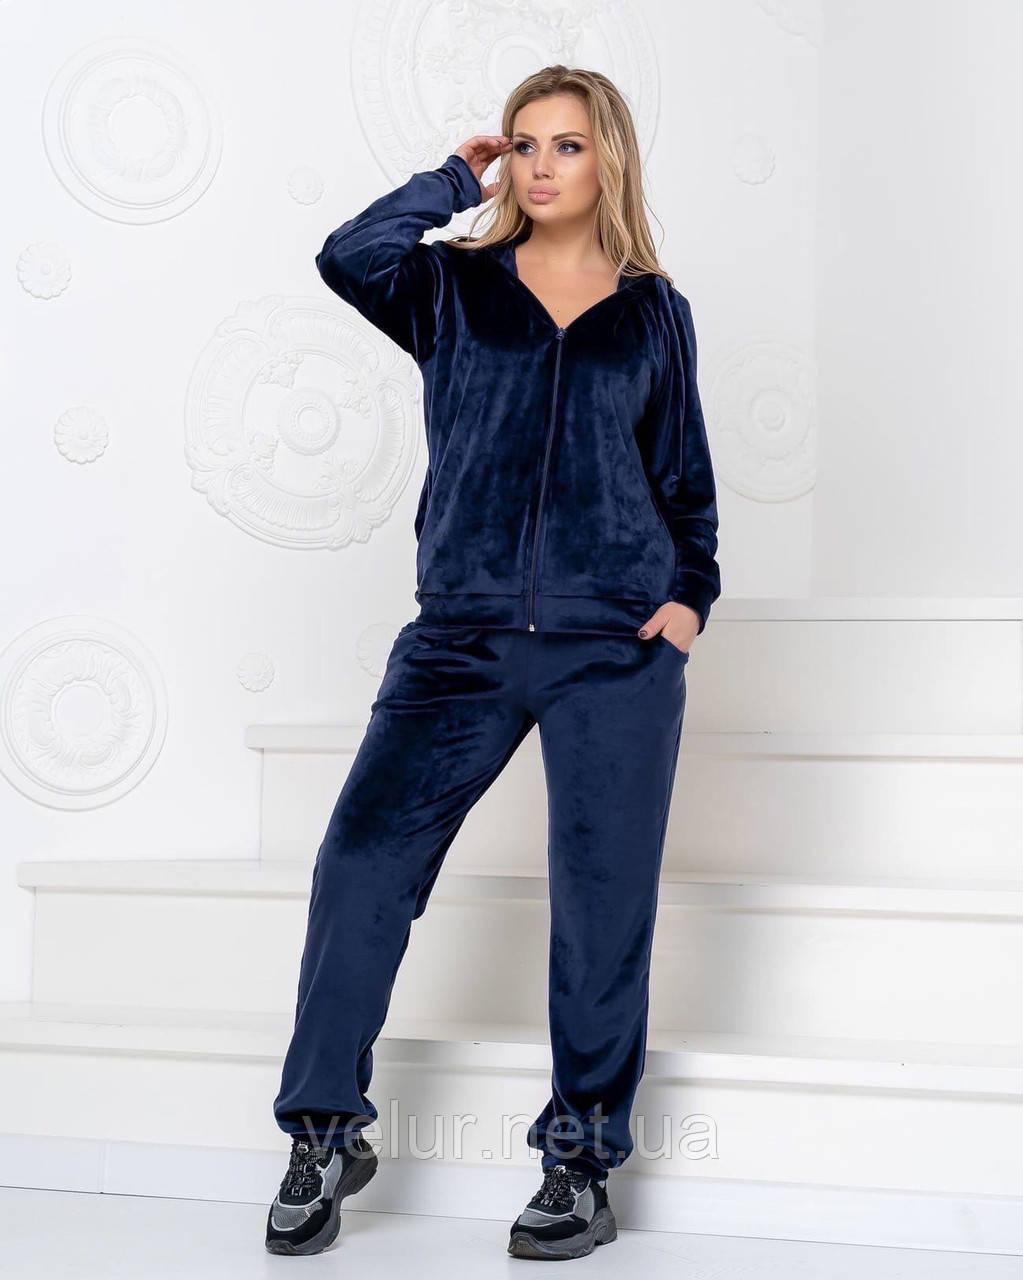 Женский теплый велюровый костюм, Размеры 50,52,54,56, 3 цвета, (Украина)